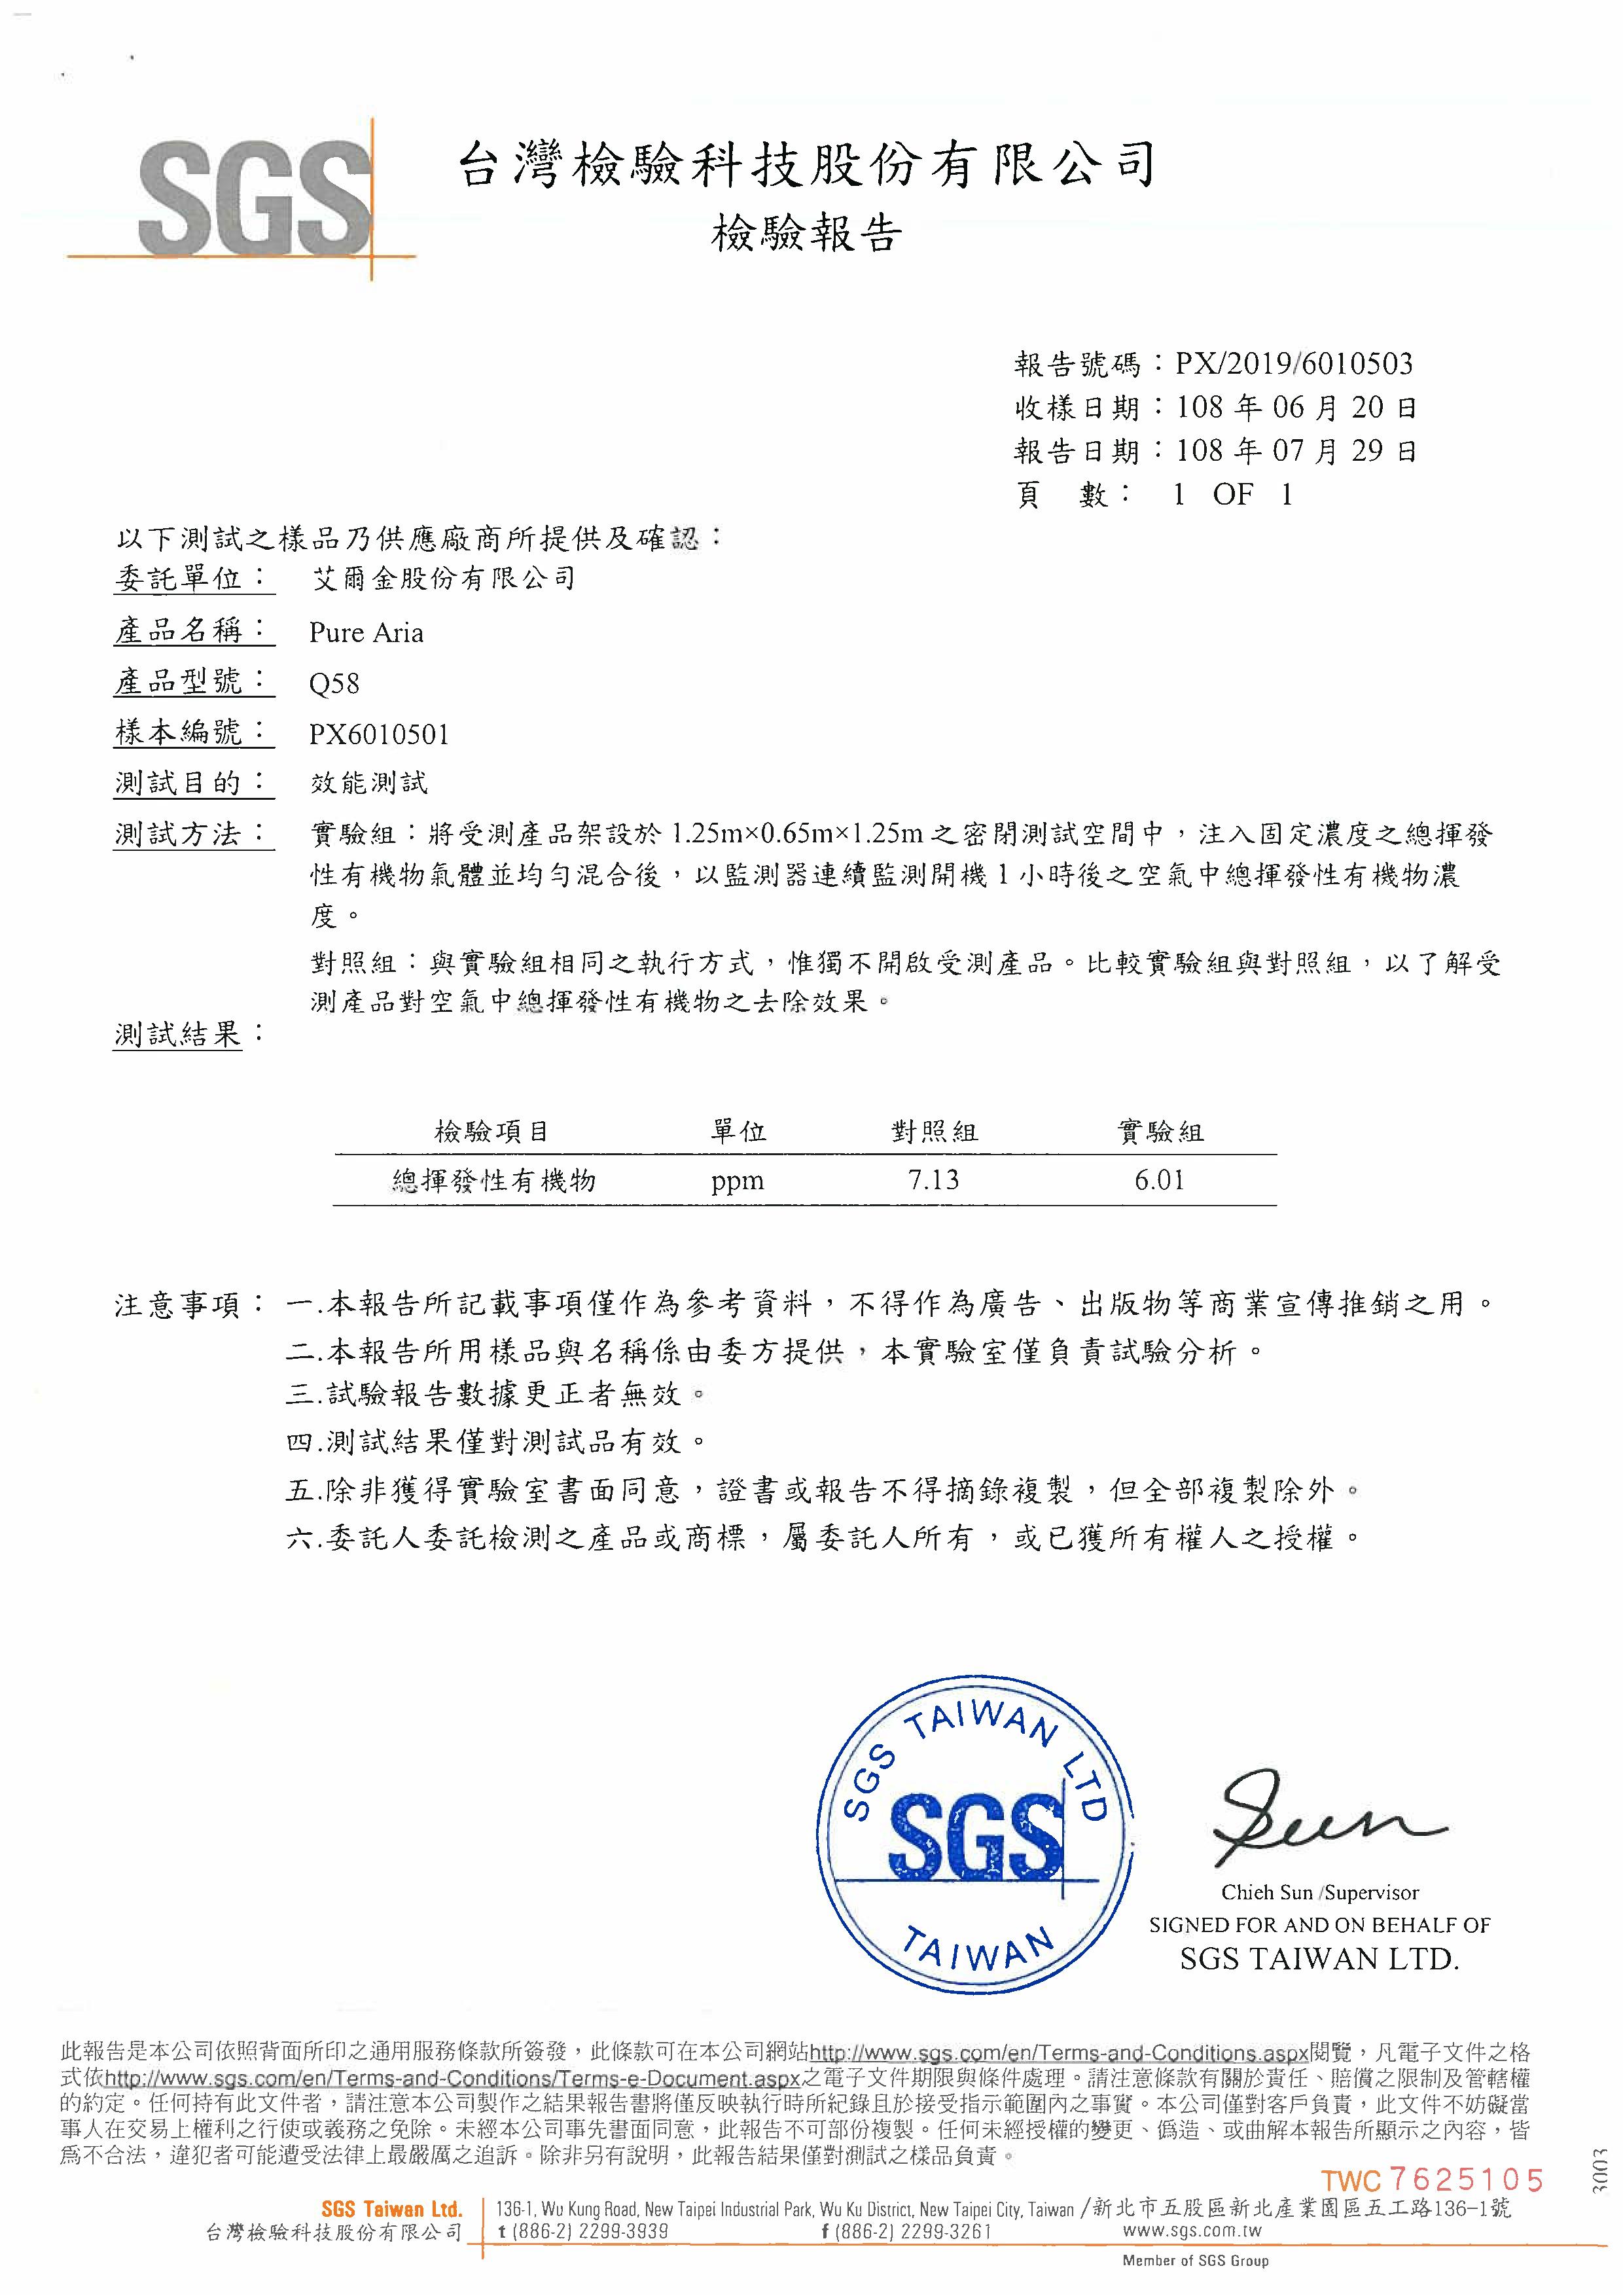 中文版-揮發物